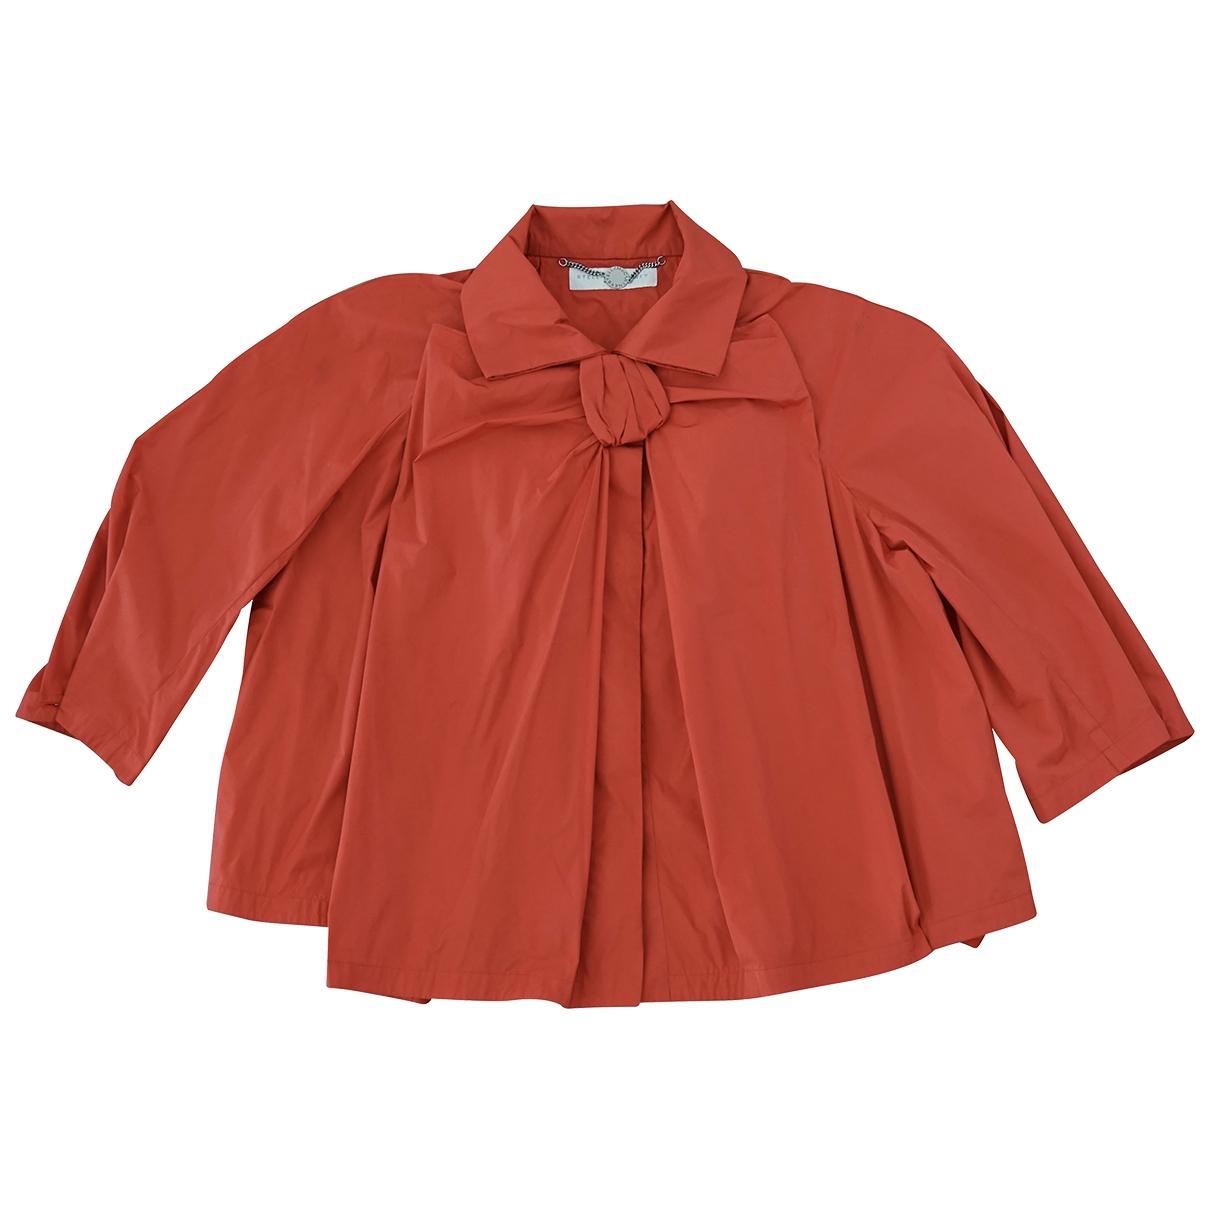 Stella Mccartney \N Red jacket for Women 40 IT